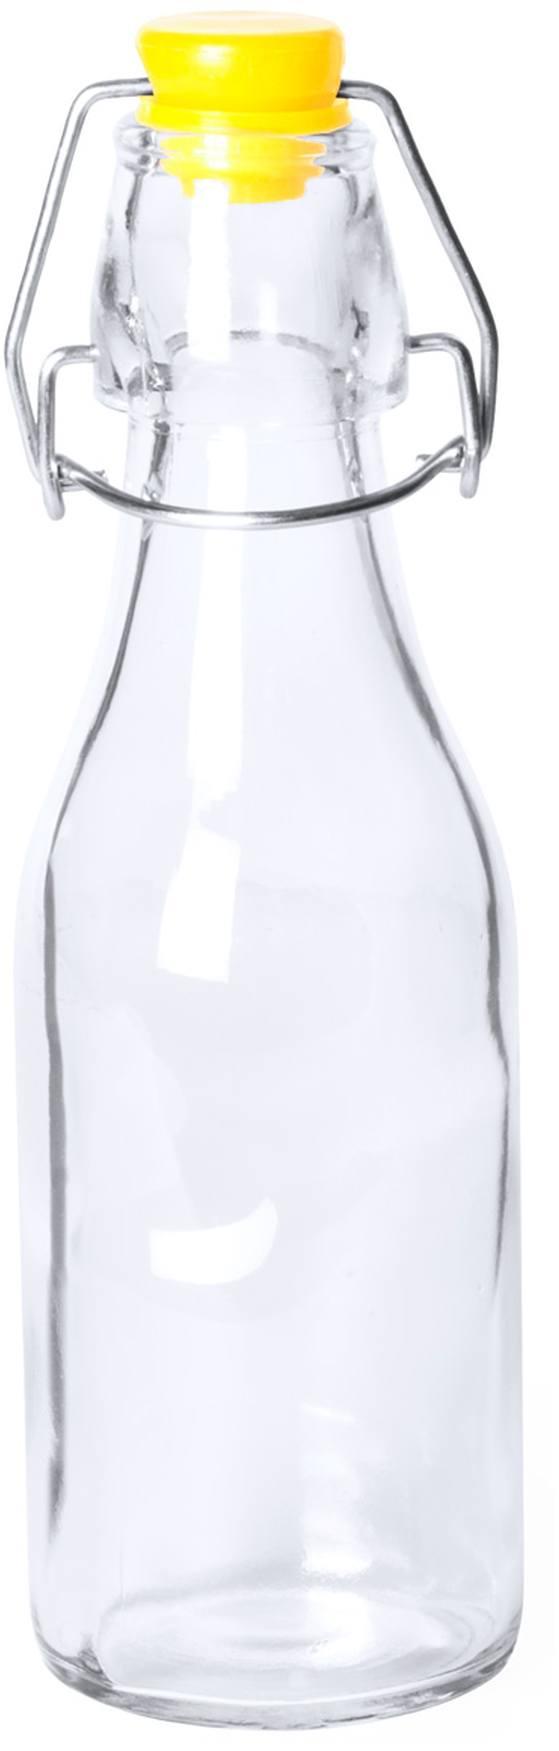 Haser skleněná láhev